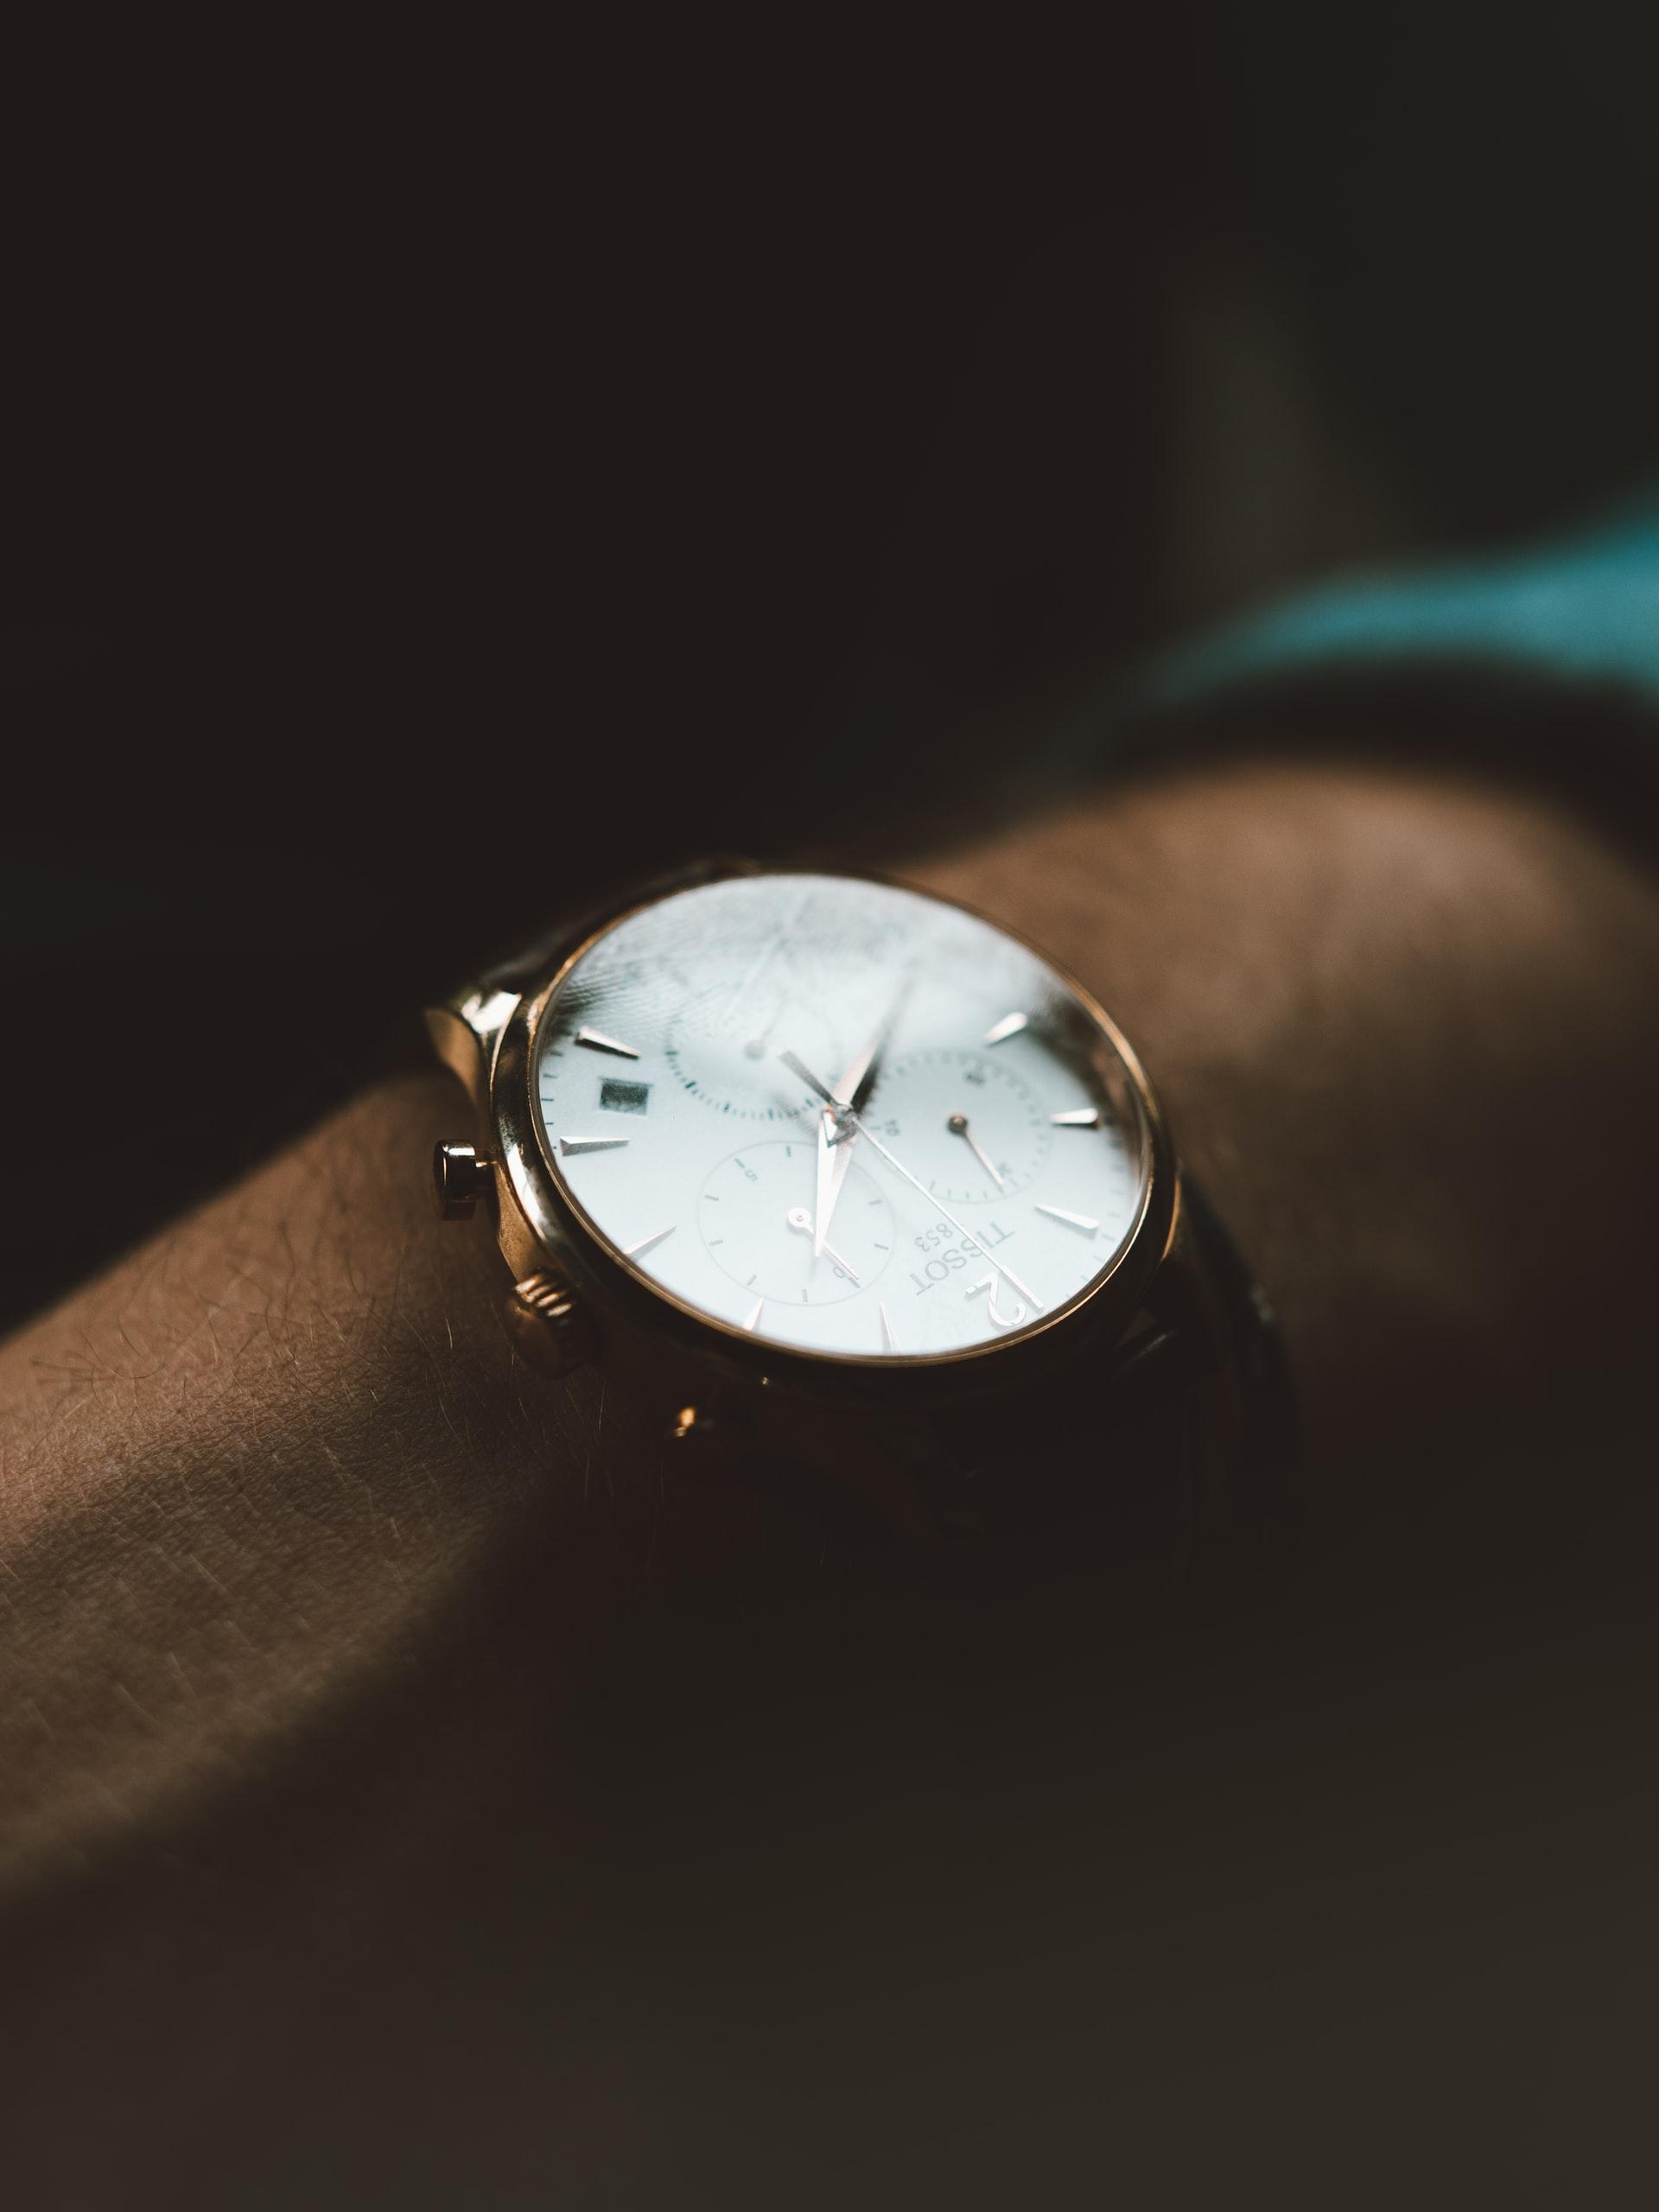 Zegarki do 1000 zł – wyjątkowy styl w korzystnej cenie